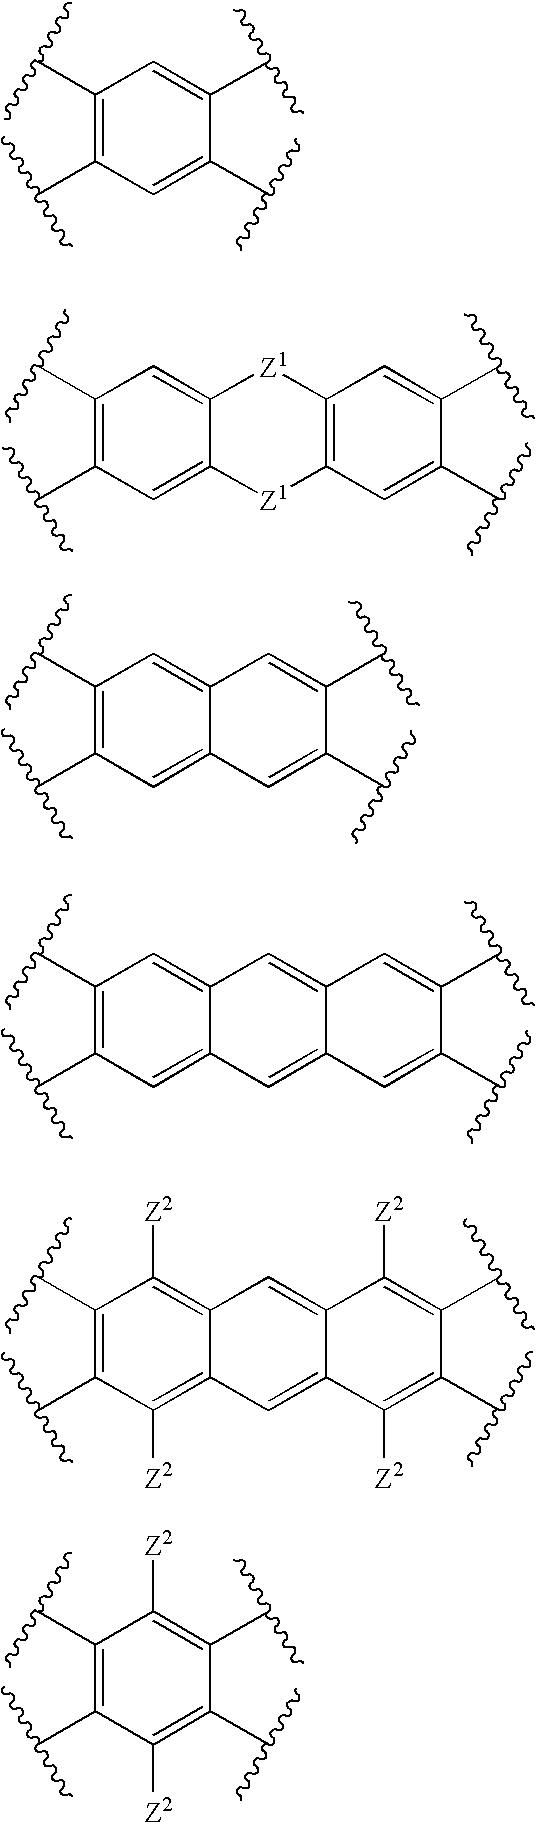 Figure US20040170775A1-20040902-C00001